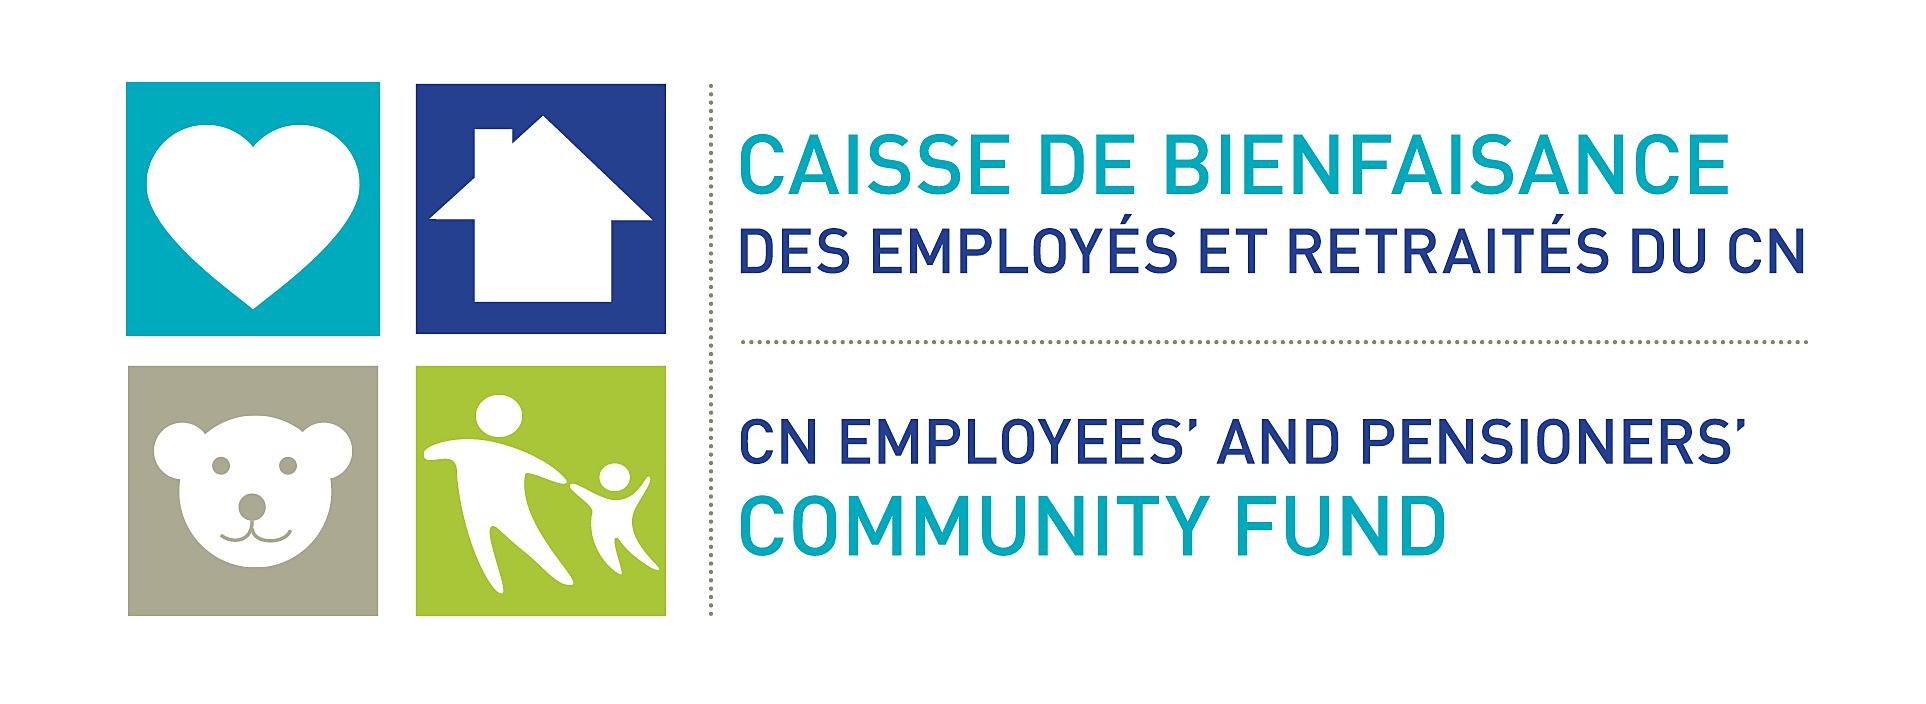 Caisse de bienfaisance des employés et retraités du CN